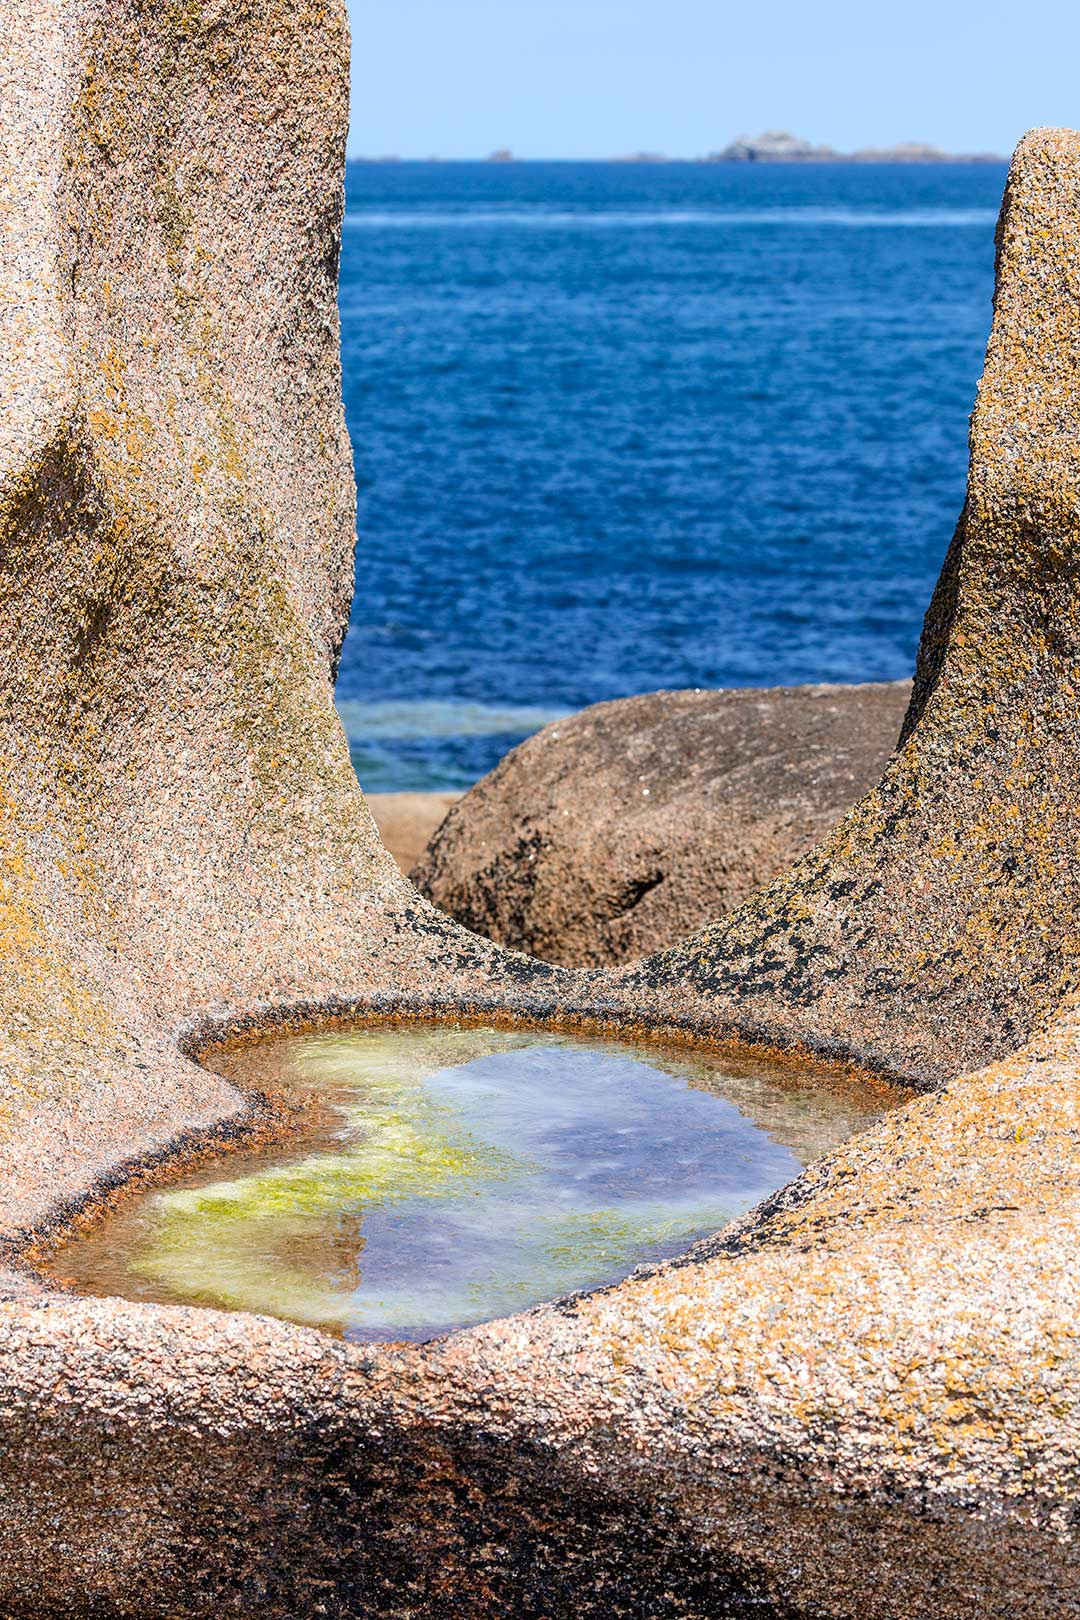 Landschaftsfotografie: Côte de Granit Rose - U-förmiger Felsen | Foto: Dieter Eikenberg, imprints